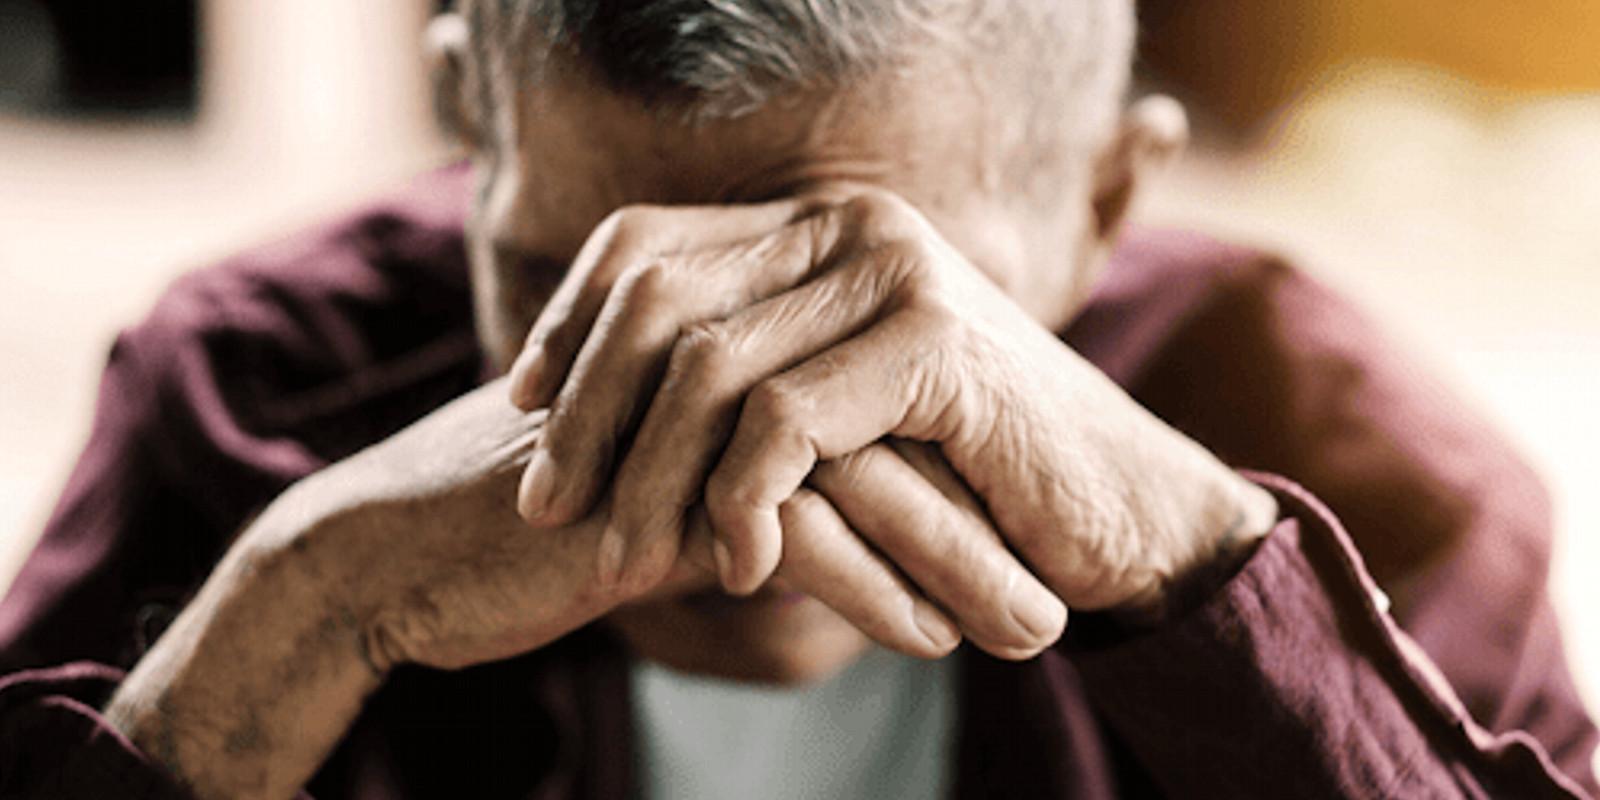 Consignados serão cobrados dos aposentados. Governo derrubou medida que cessava cobrança por 4 meses